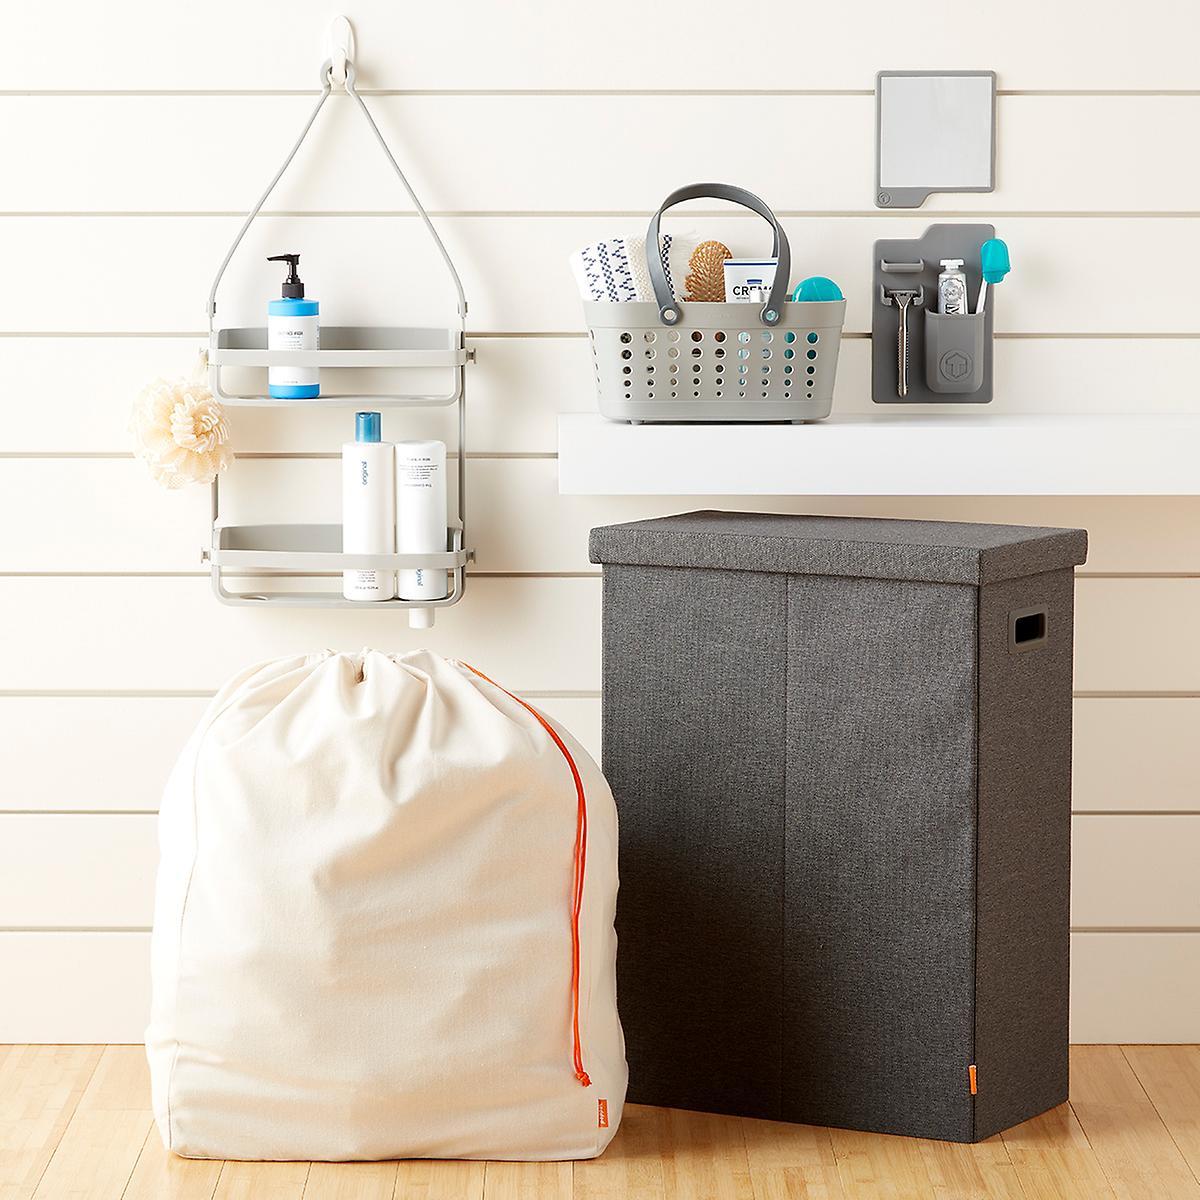 College Shower & Laundry Starter Kit-Boys